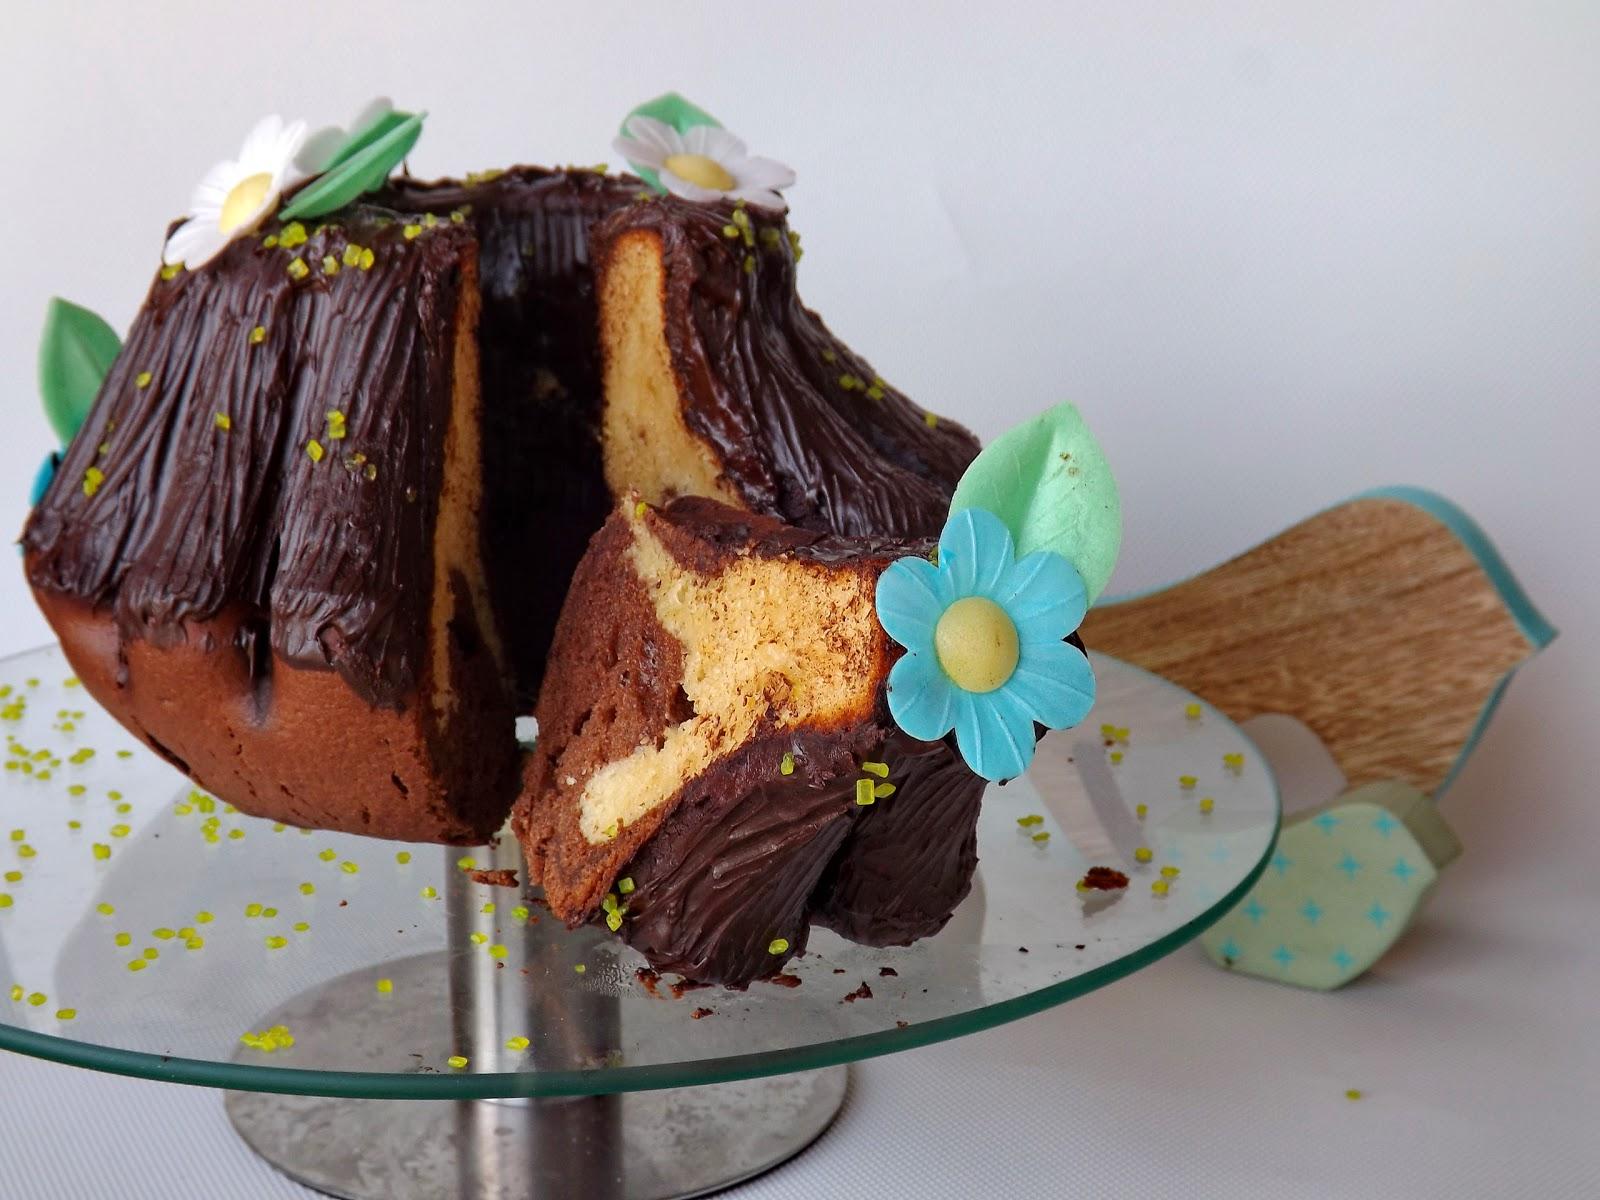 Wielkanocna baba trzcinowo kakaowa na oleju rzepakowym